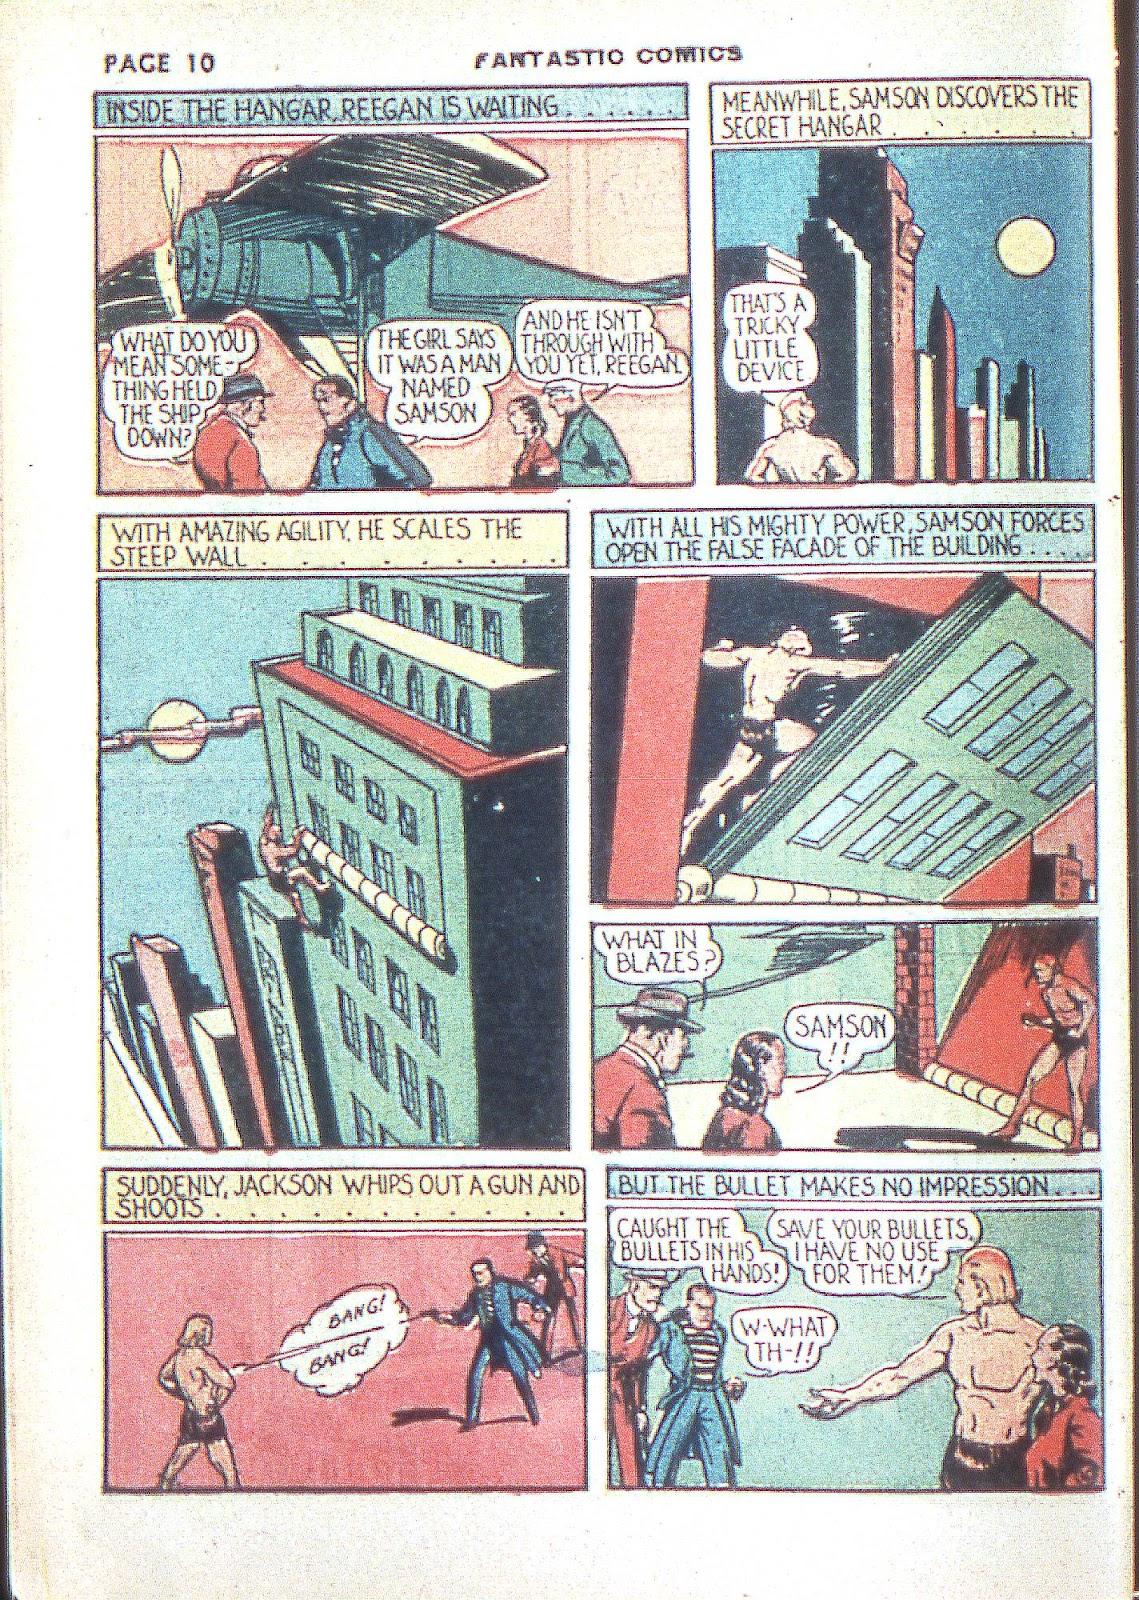 Read online Fantastic Comics comic -  Issue #3 - 13